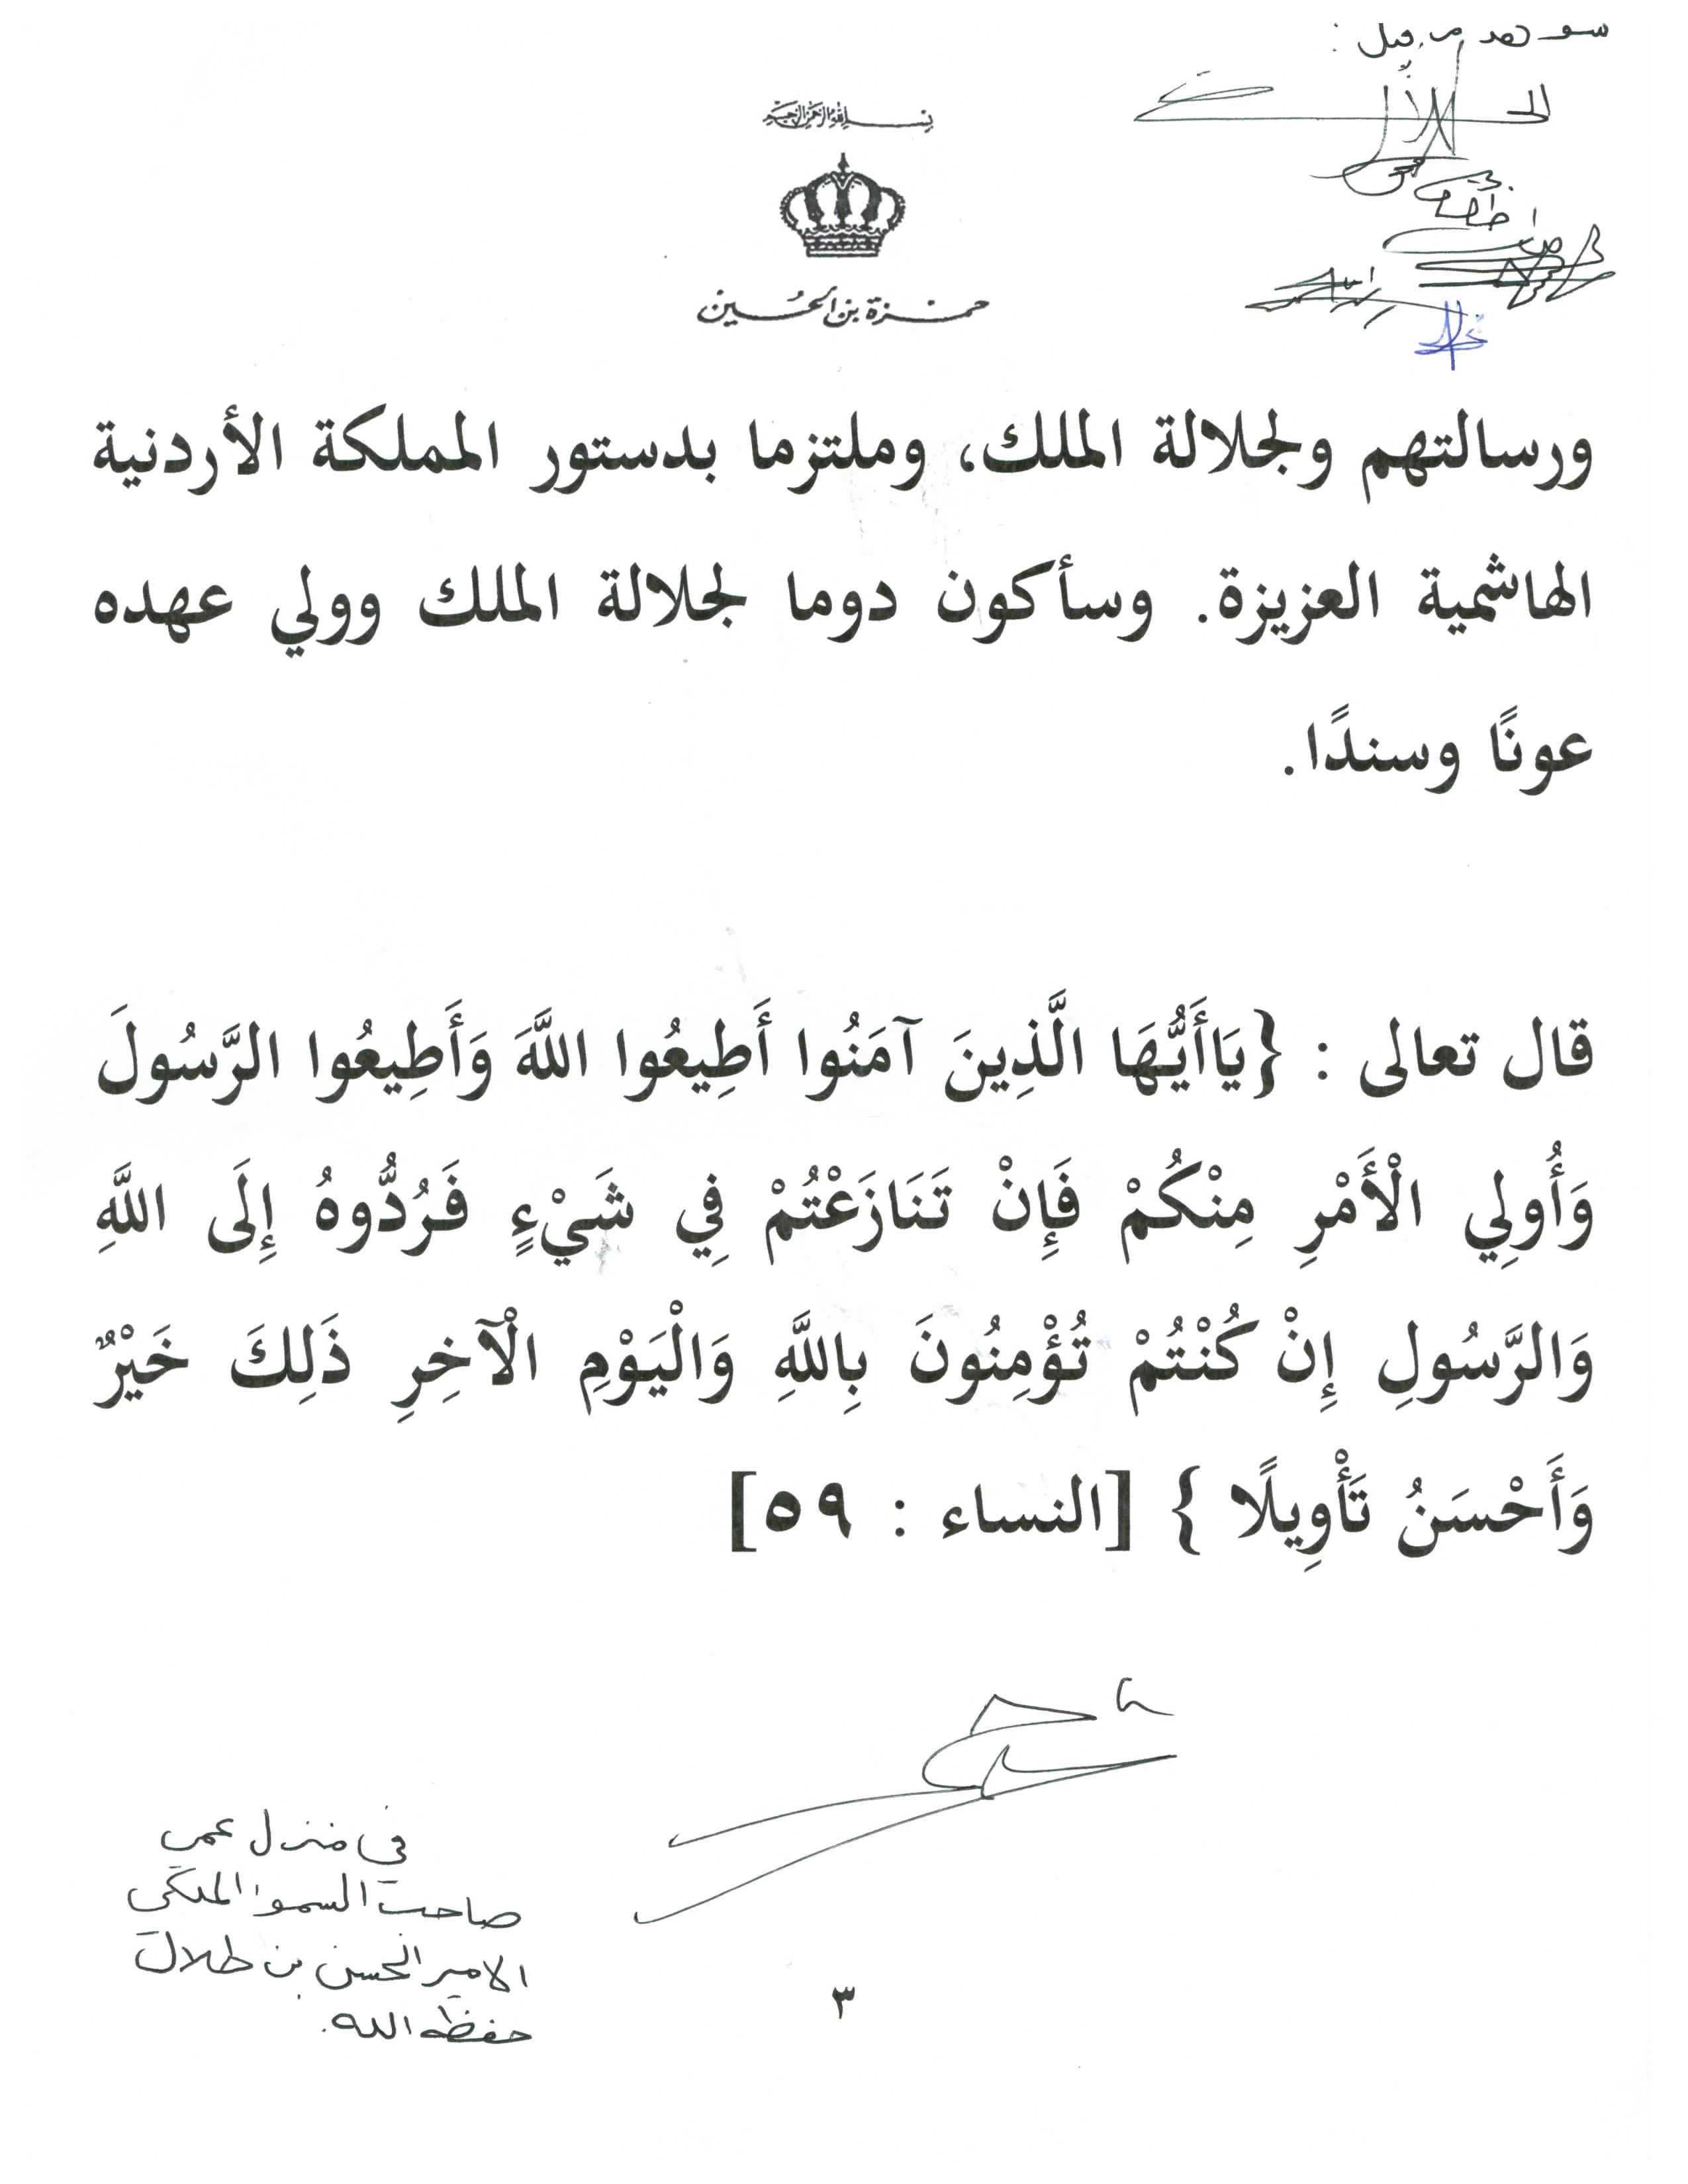 الأردن، الملك عبدالله الثاني،  الأمير حمزة بن الحسين، حربوشة نيوز